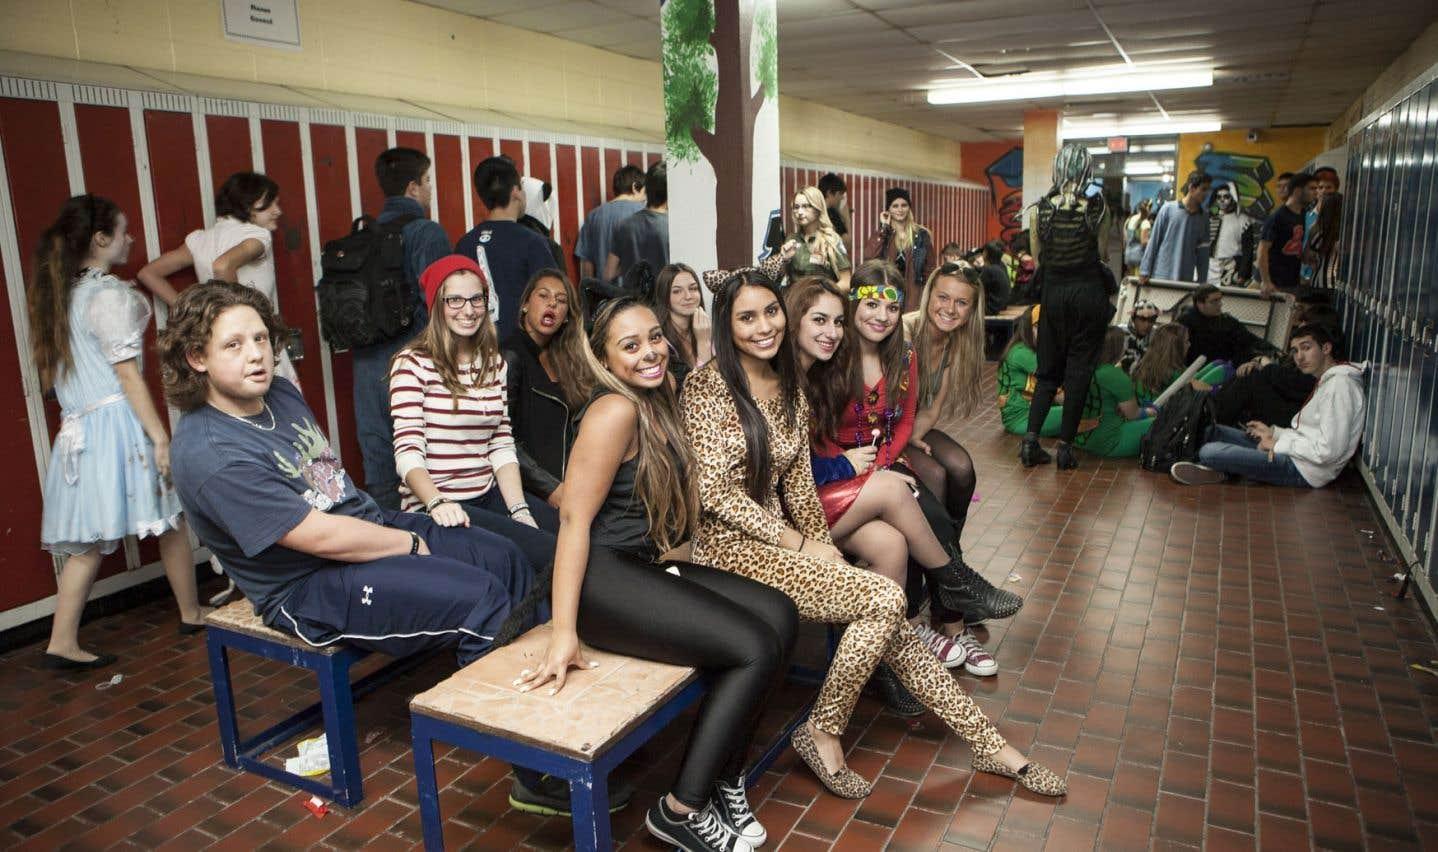 Persévérance scolaire - Une école de Verdun se débarrasse de son image de cancre